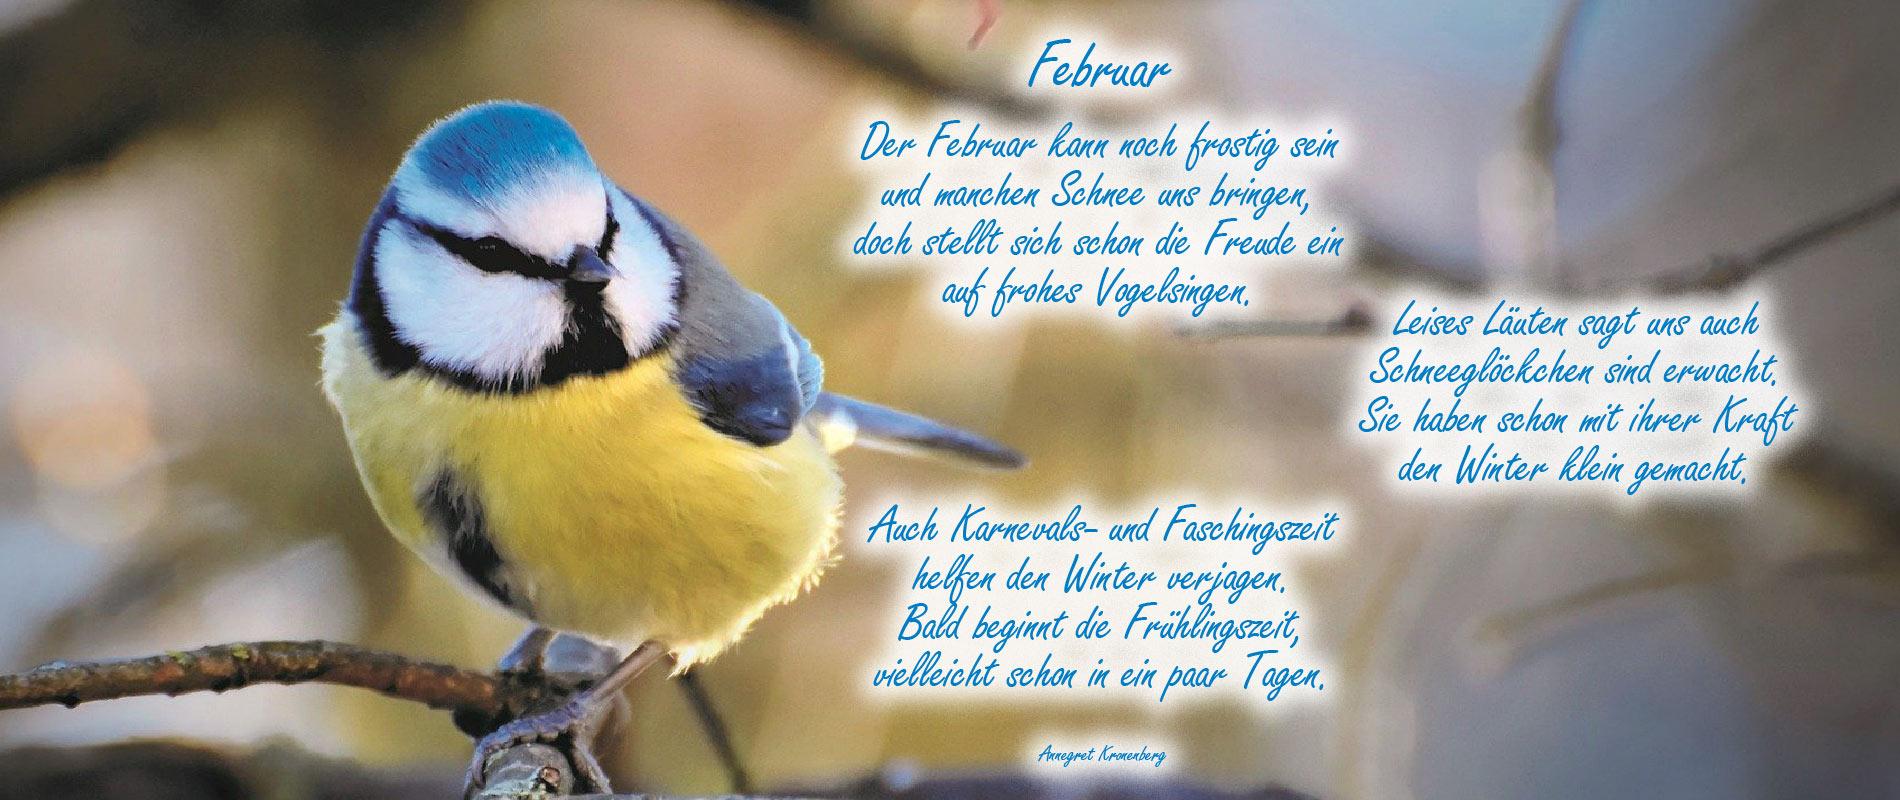 FAWZ_Winterferien-Gedicht 2020